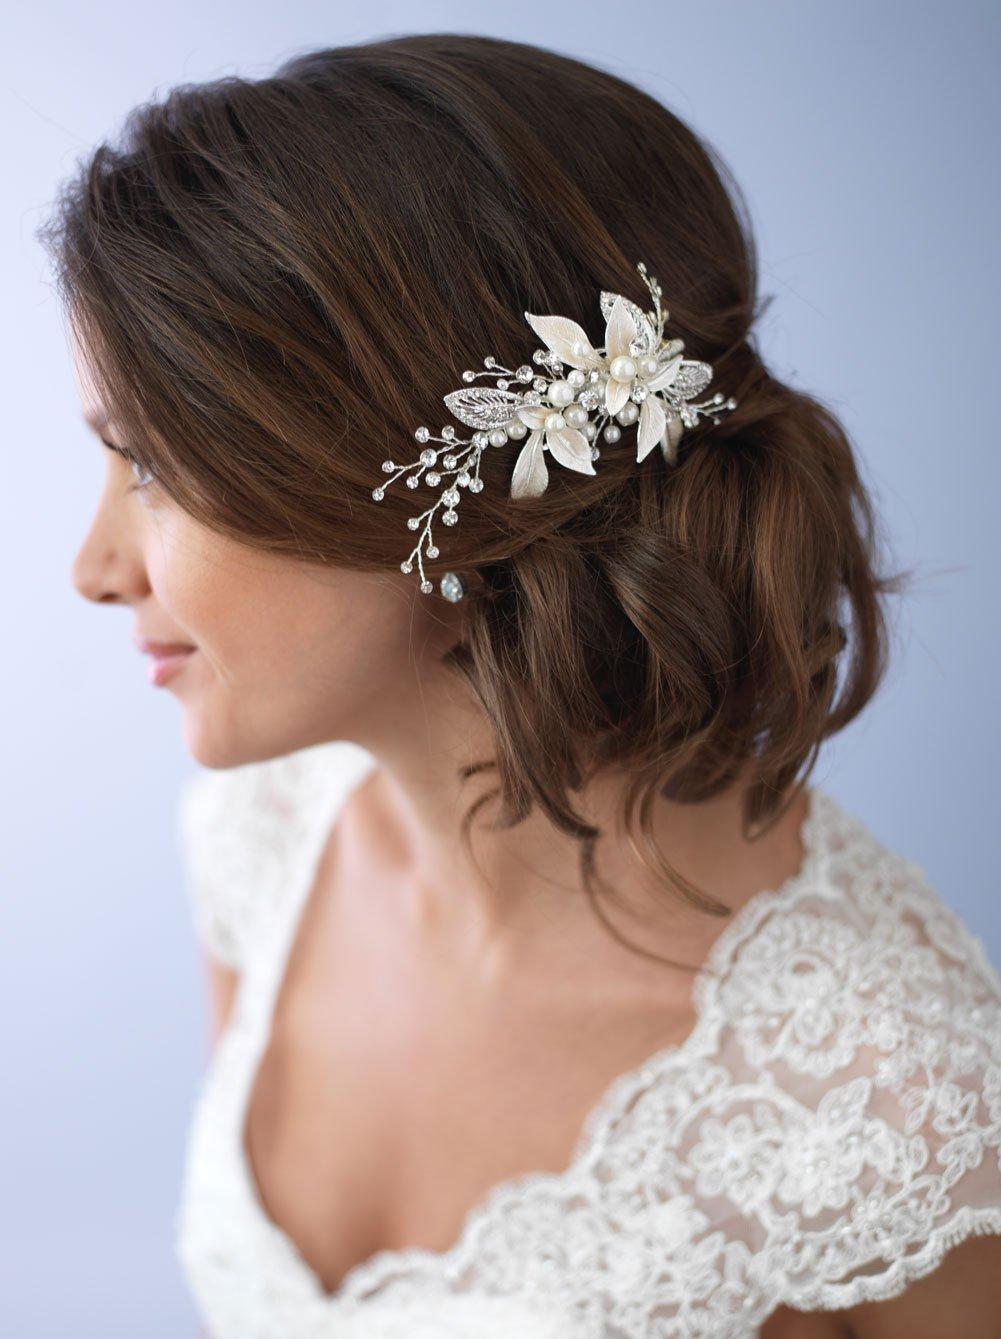 карьерные самосвалы украшения для невесты на свадьбу фото униформы, уделим место